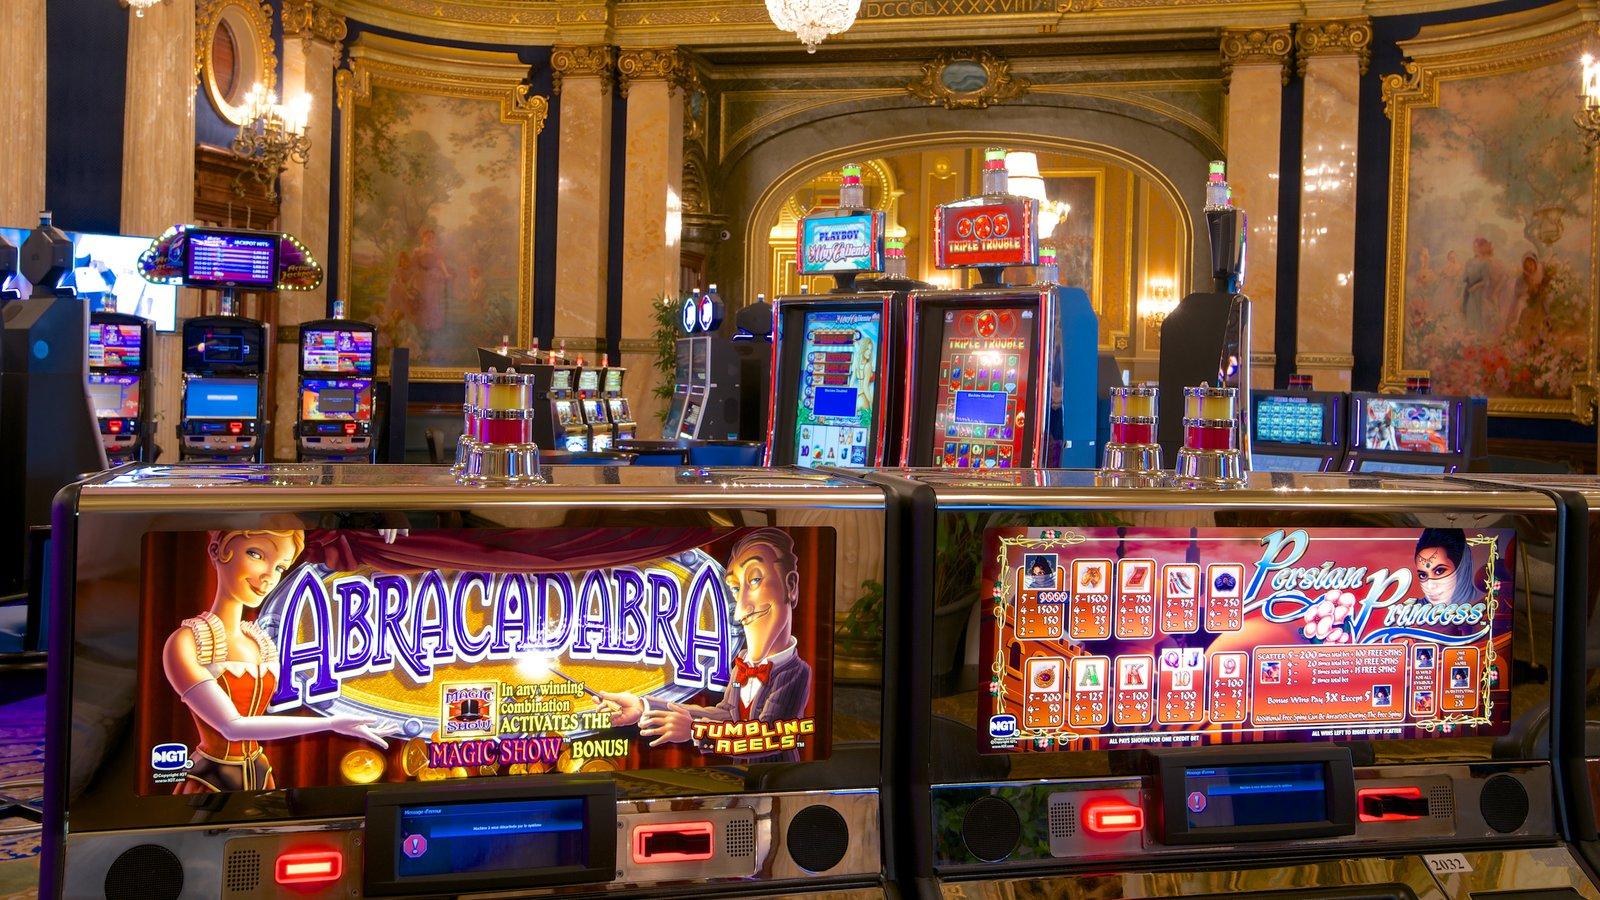 Monte casino shows casino slot game free .com